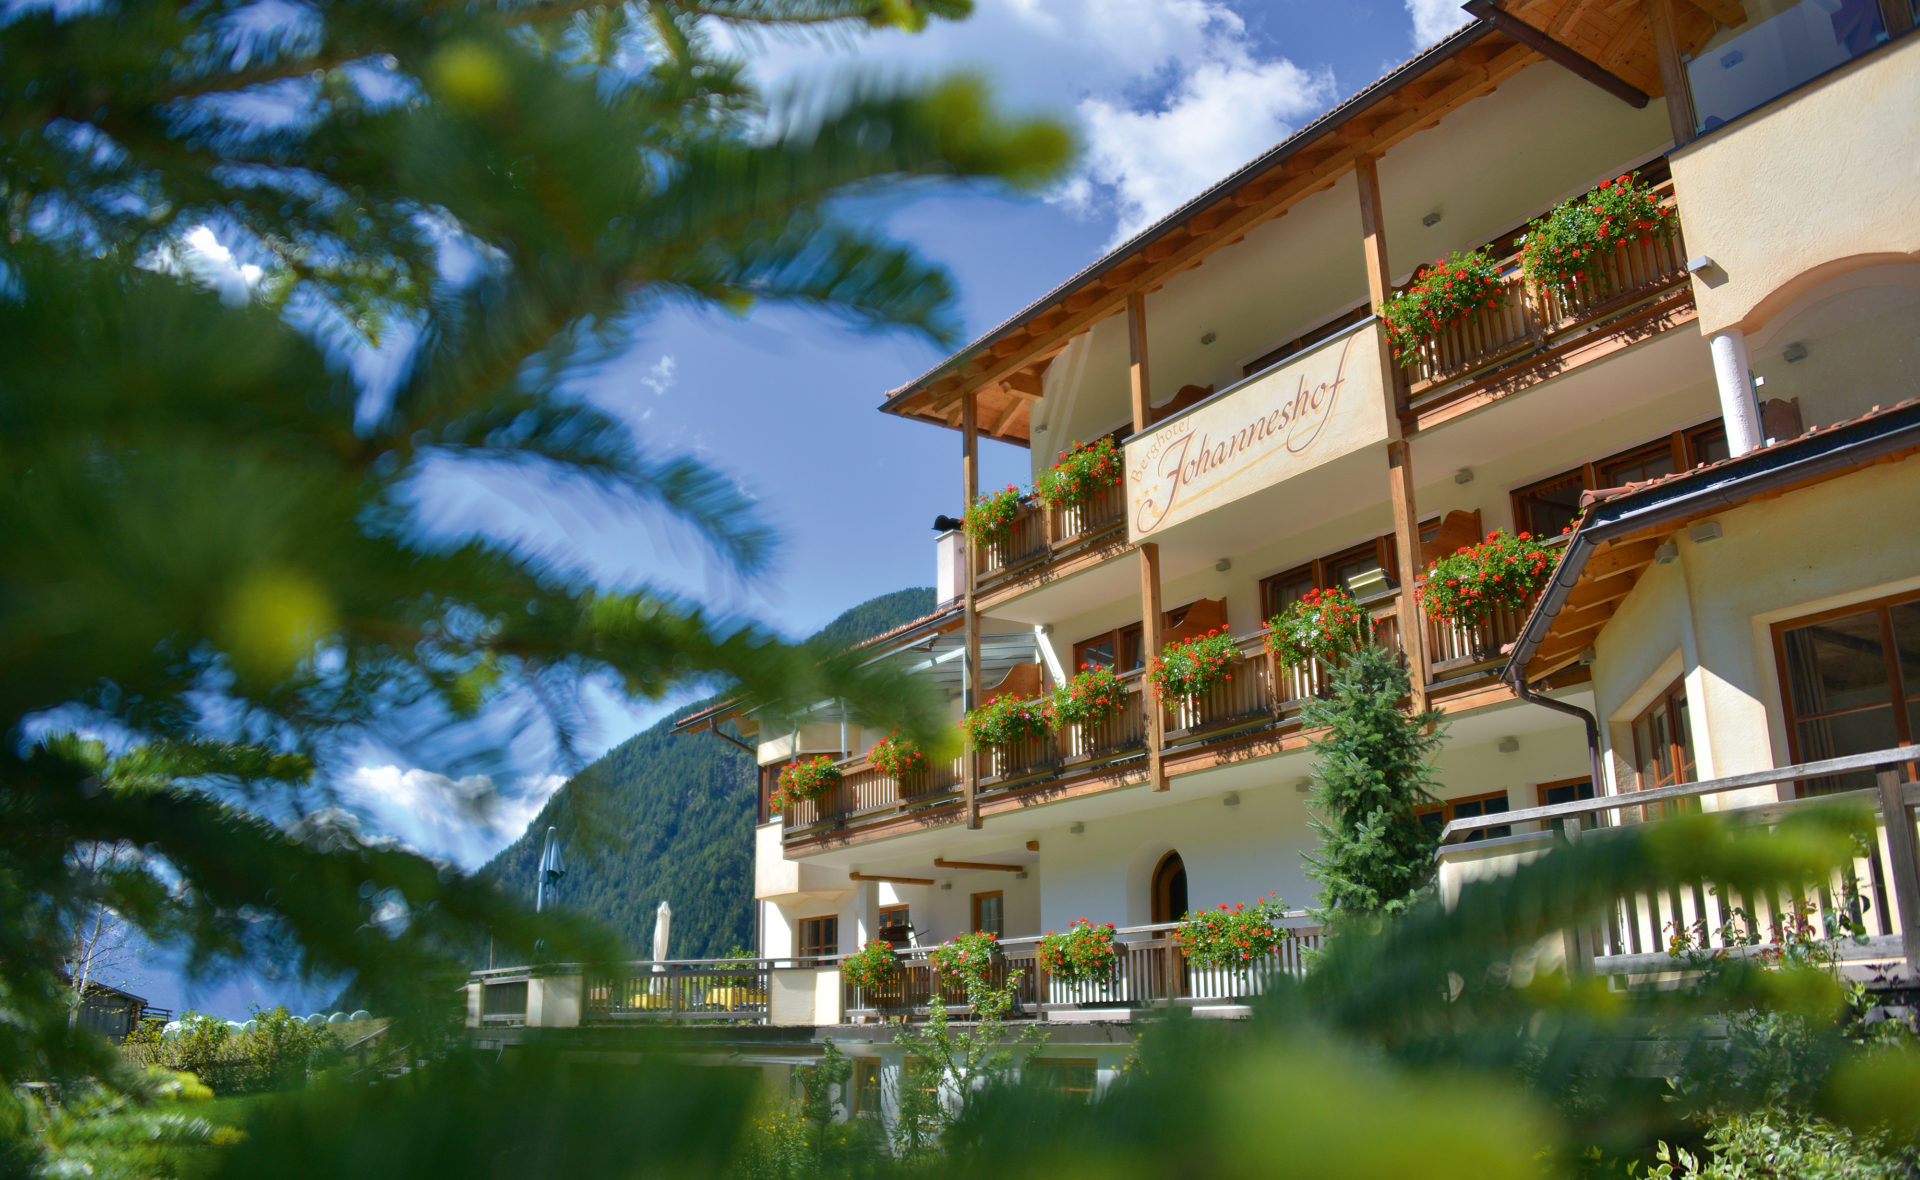 Hotel Johanneshof in Antholz